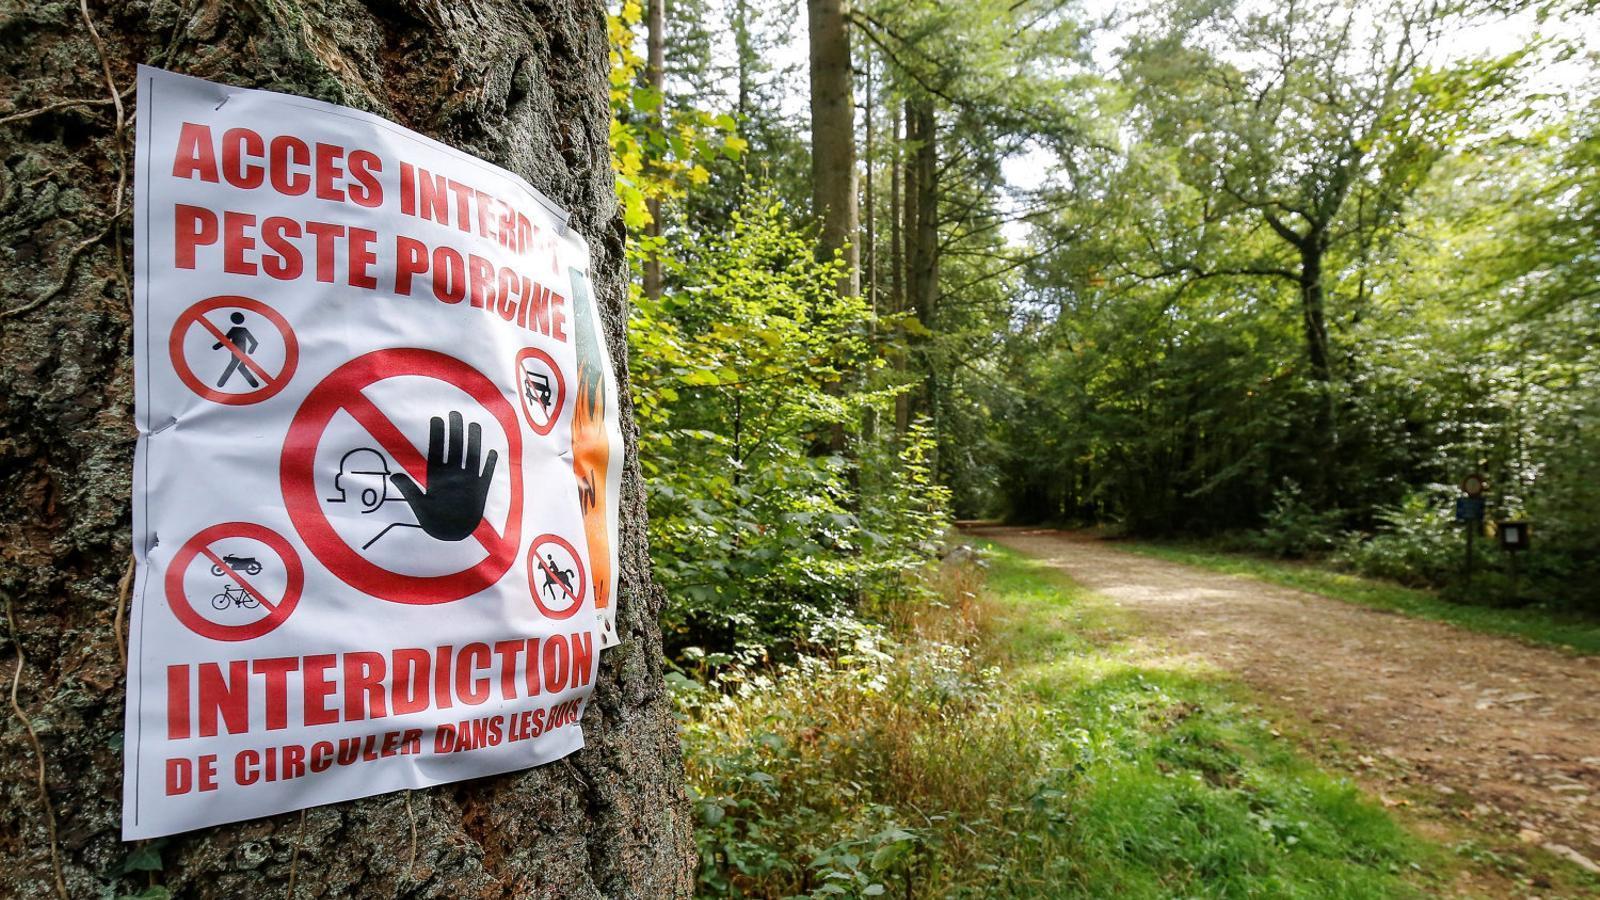 Un senyal de pas prohibit per peste porcina a Bèlgica, on ja s'han detectat 44 casos a pocs quilòmetres de la   Frontera francesa.